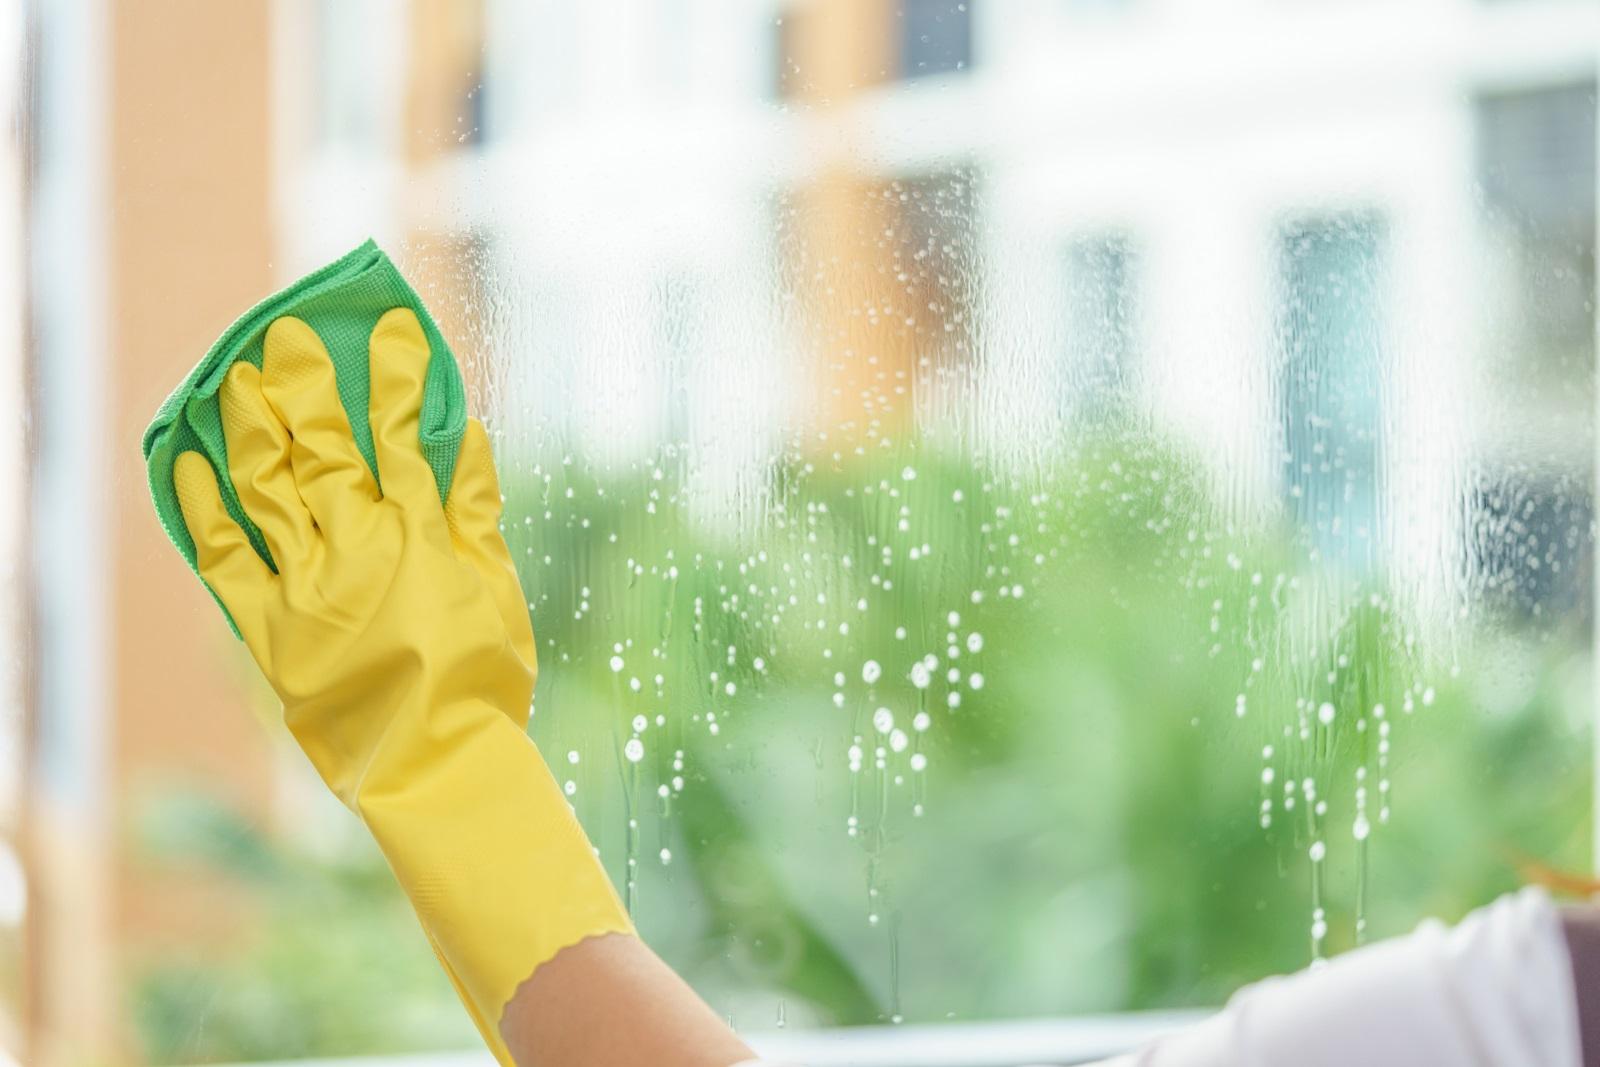 Поддържайте прозорците си чисти. Това води до повече яснота в живота ви.